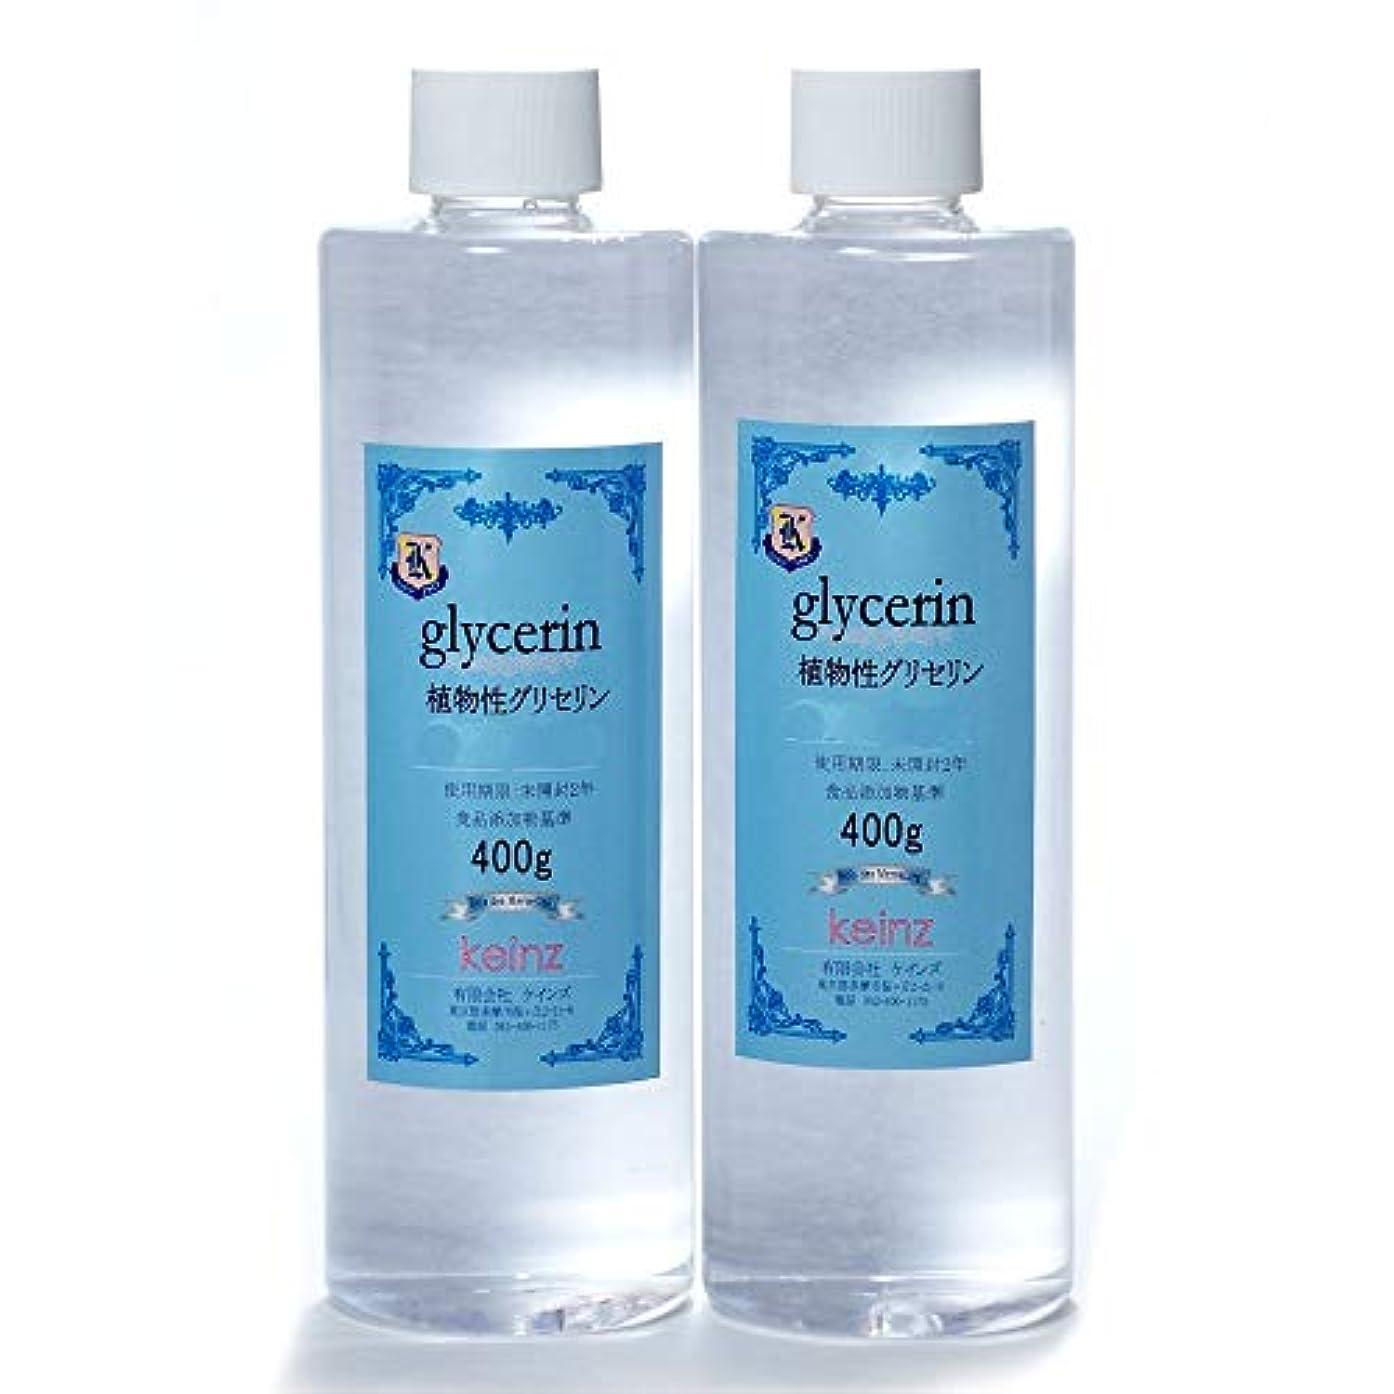 爵広く形keinz 品質の良いグリセリン 植物性 800g(400g 2本) 純度99.9~100% 化粧品材料 keinz正規品 食品添加物基準につき化粧品グレードより純度が高い。日本製